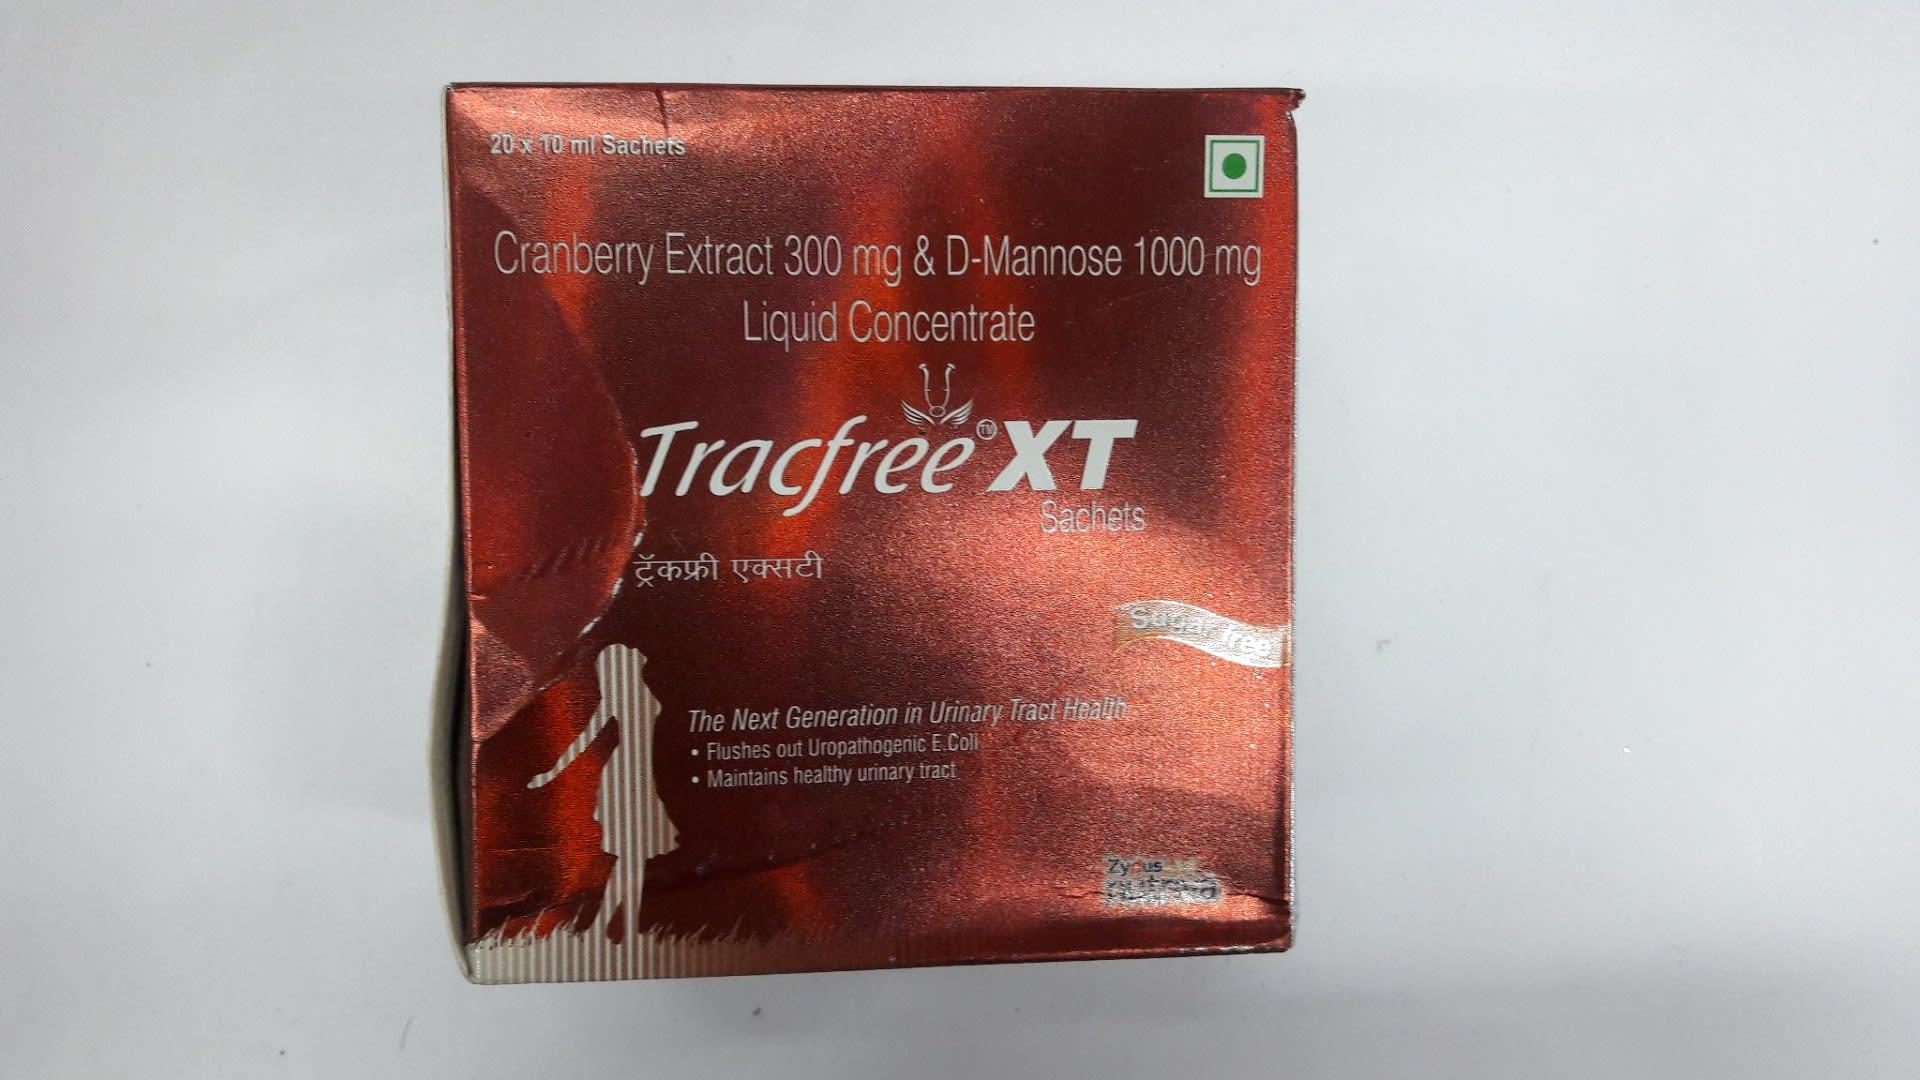 Tracfree XT Sachet